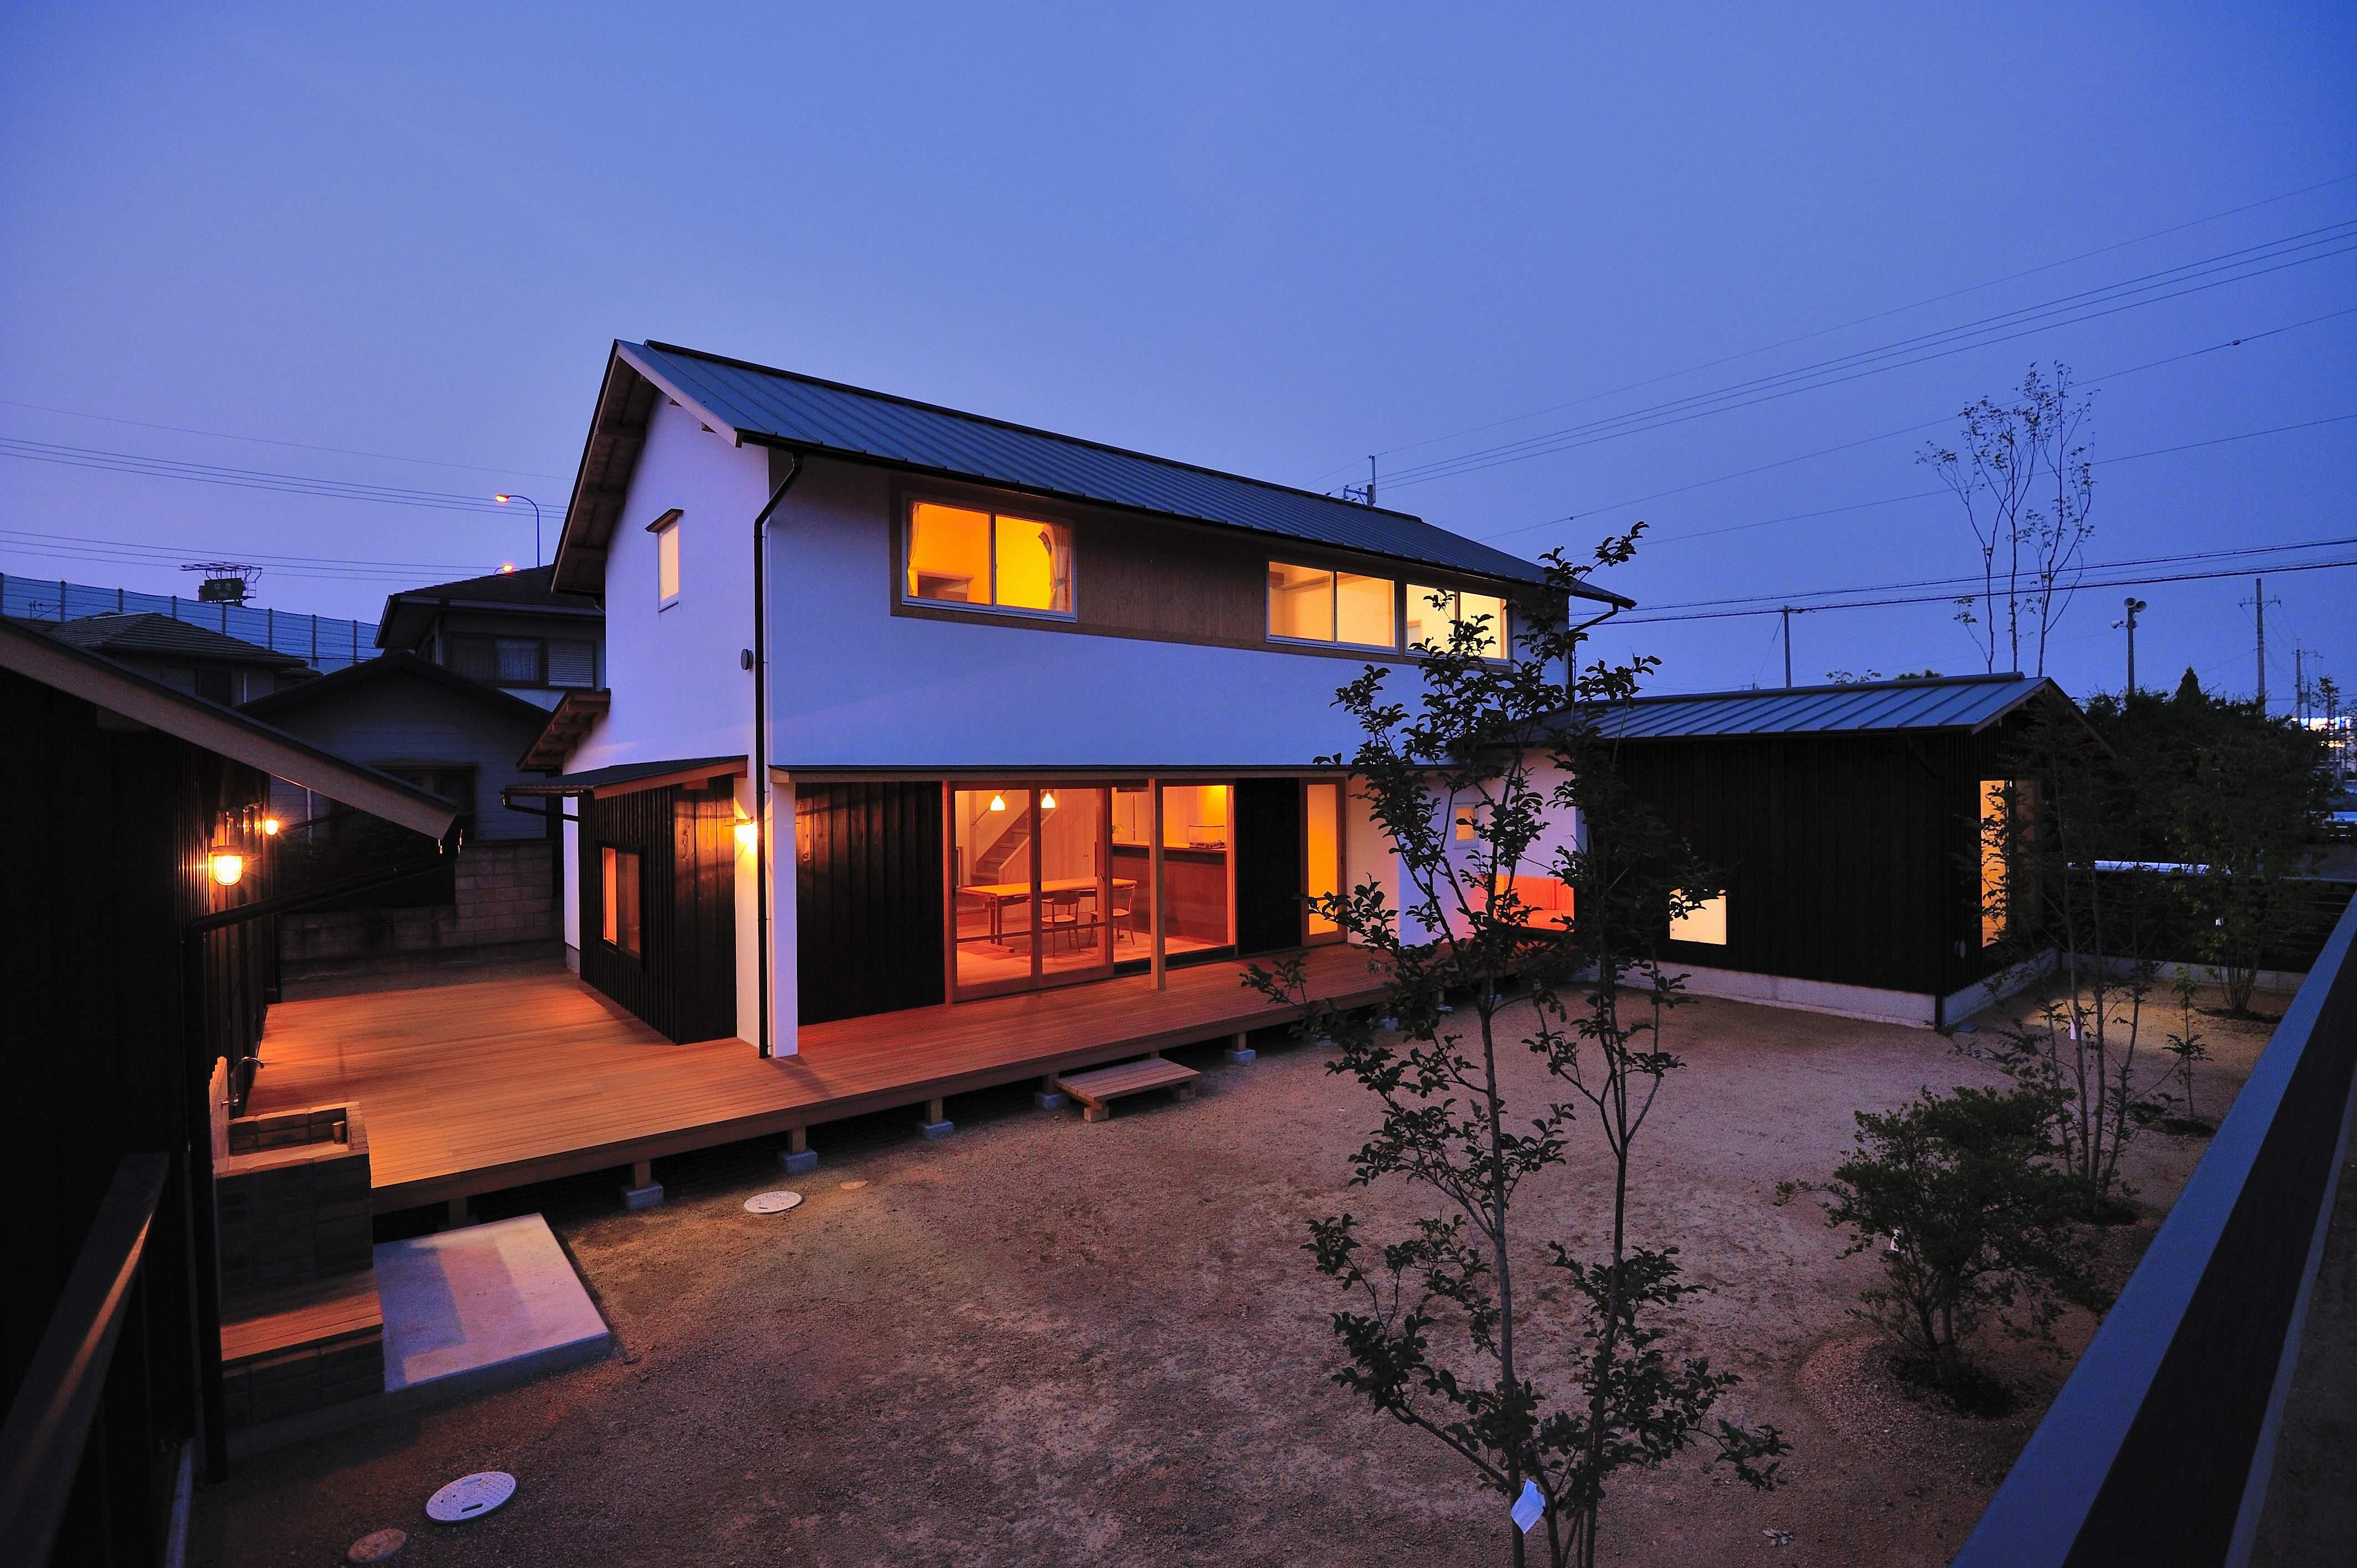 外観事例:夕景(ウッドデッキで繋がる空間 趣味を楽しむ住まい 姫路の家)